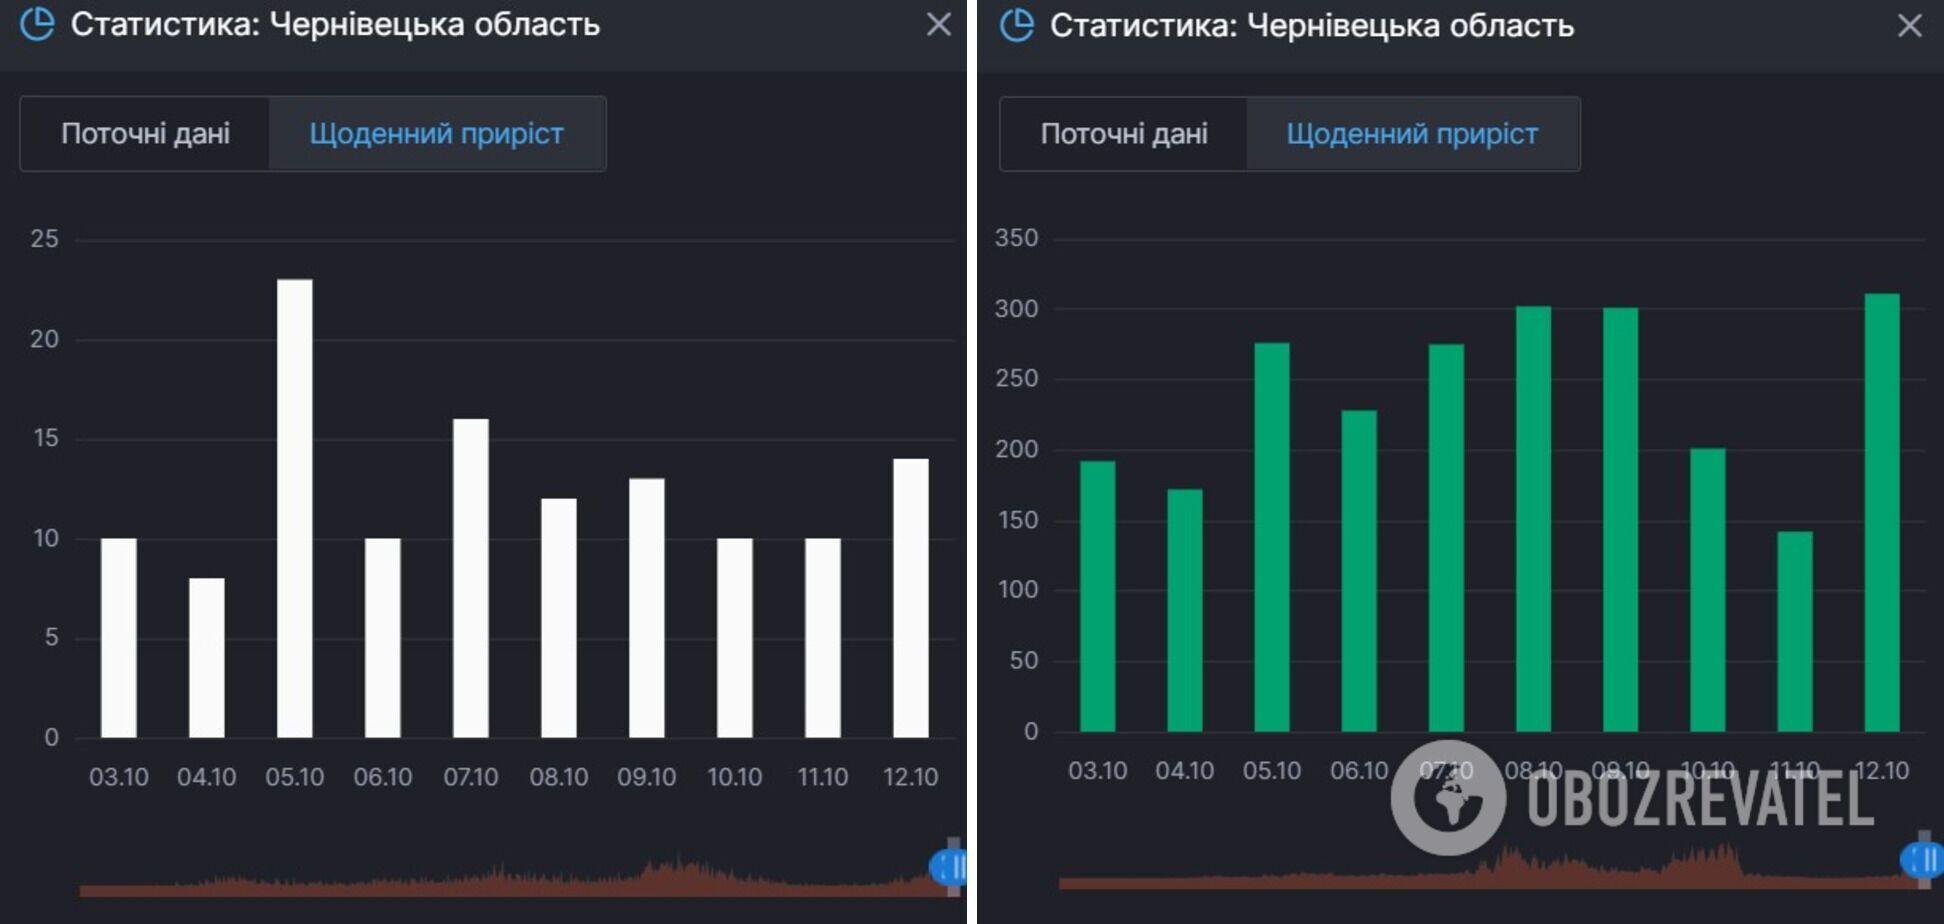 Приріст смертей і одужань від COVID-19 у Чернігівській області